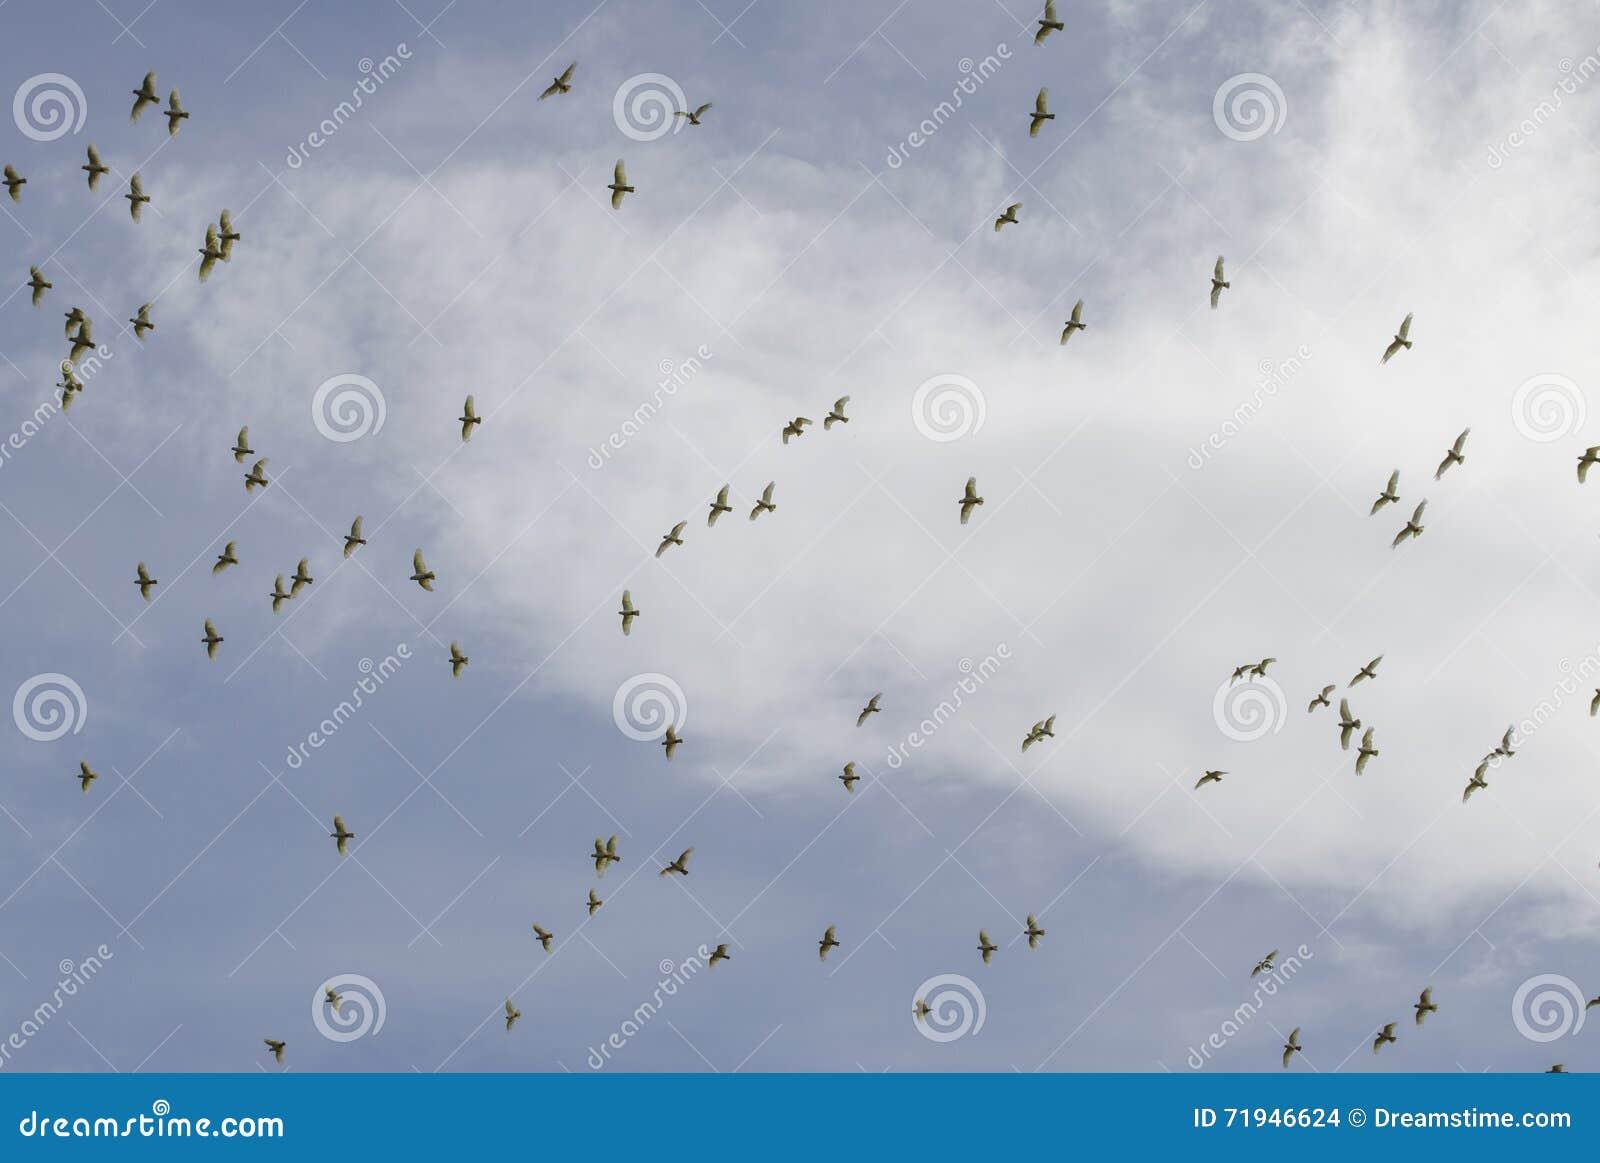 Стадо птиц против облачного неба